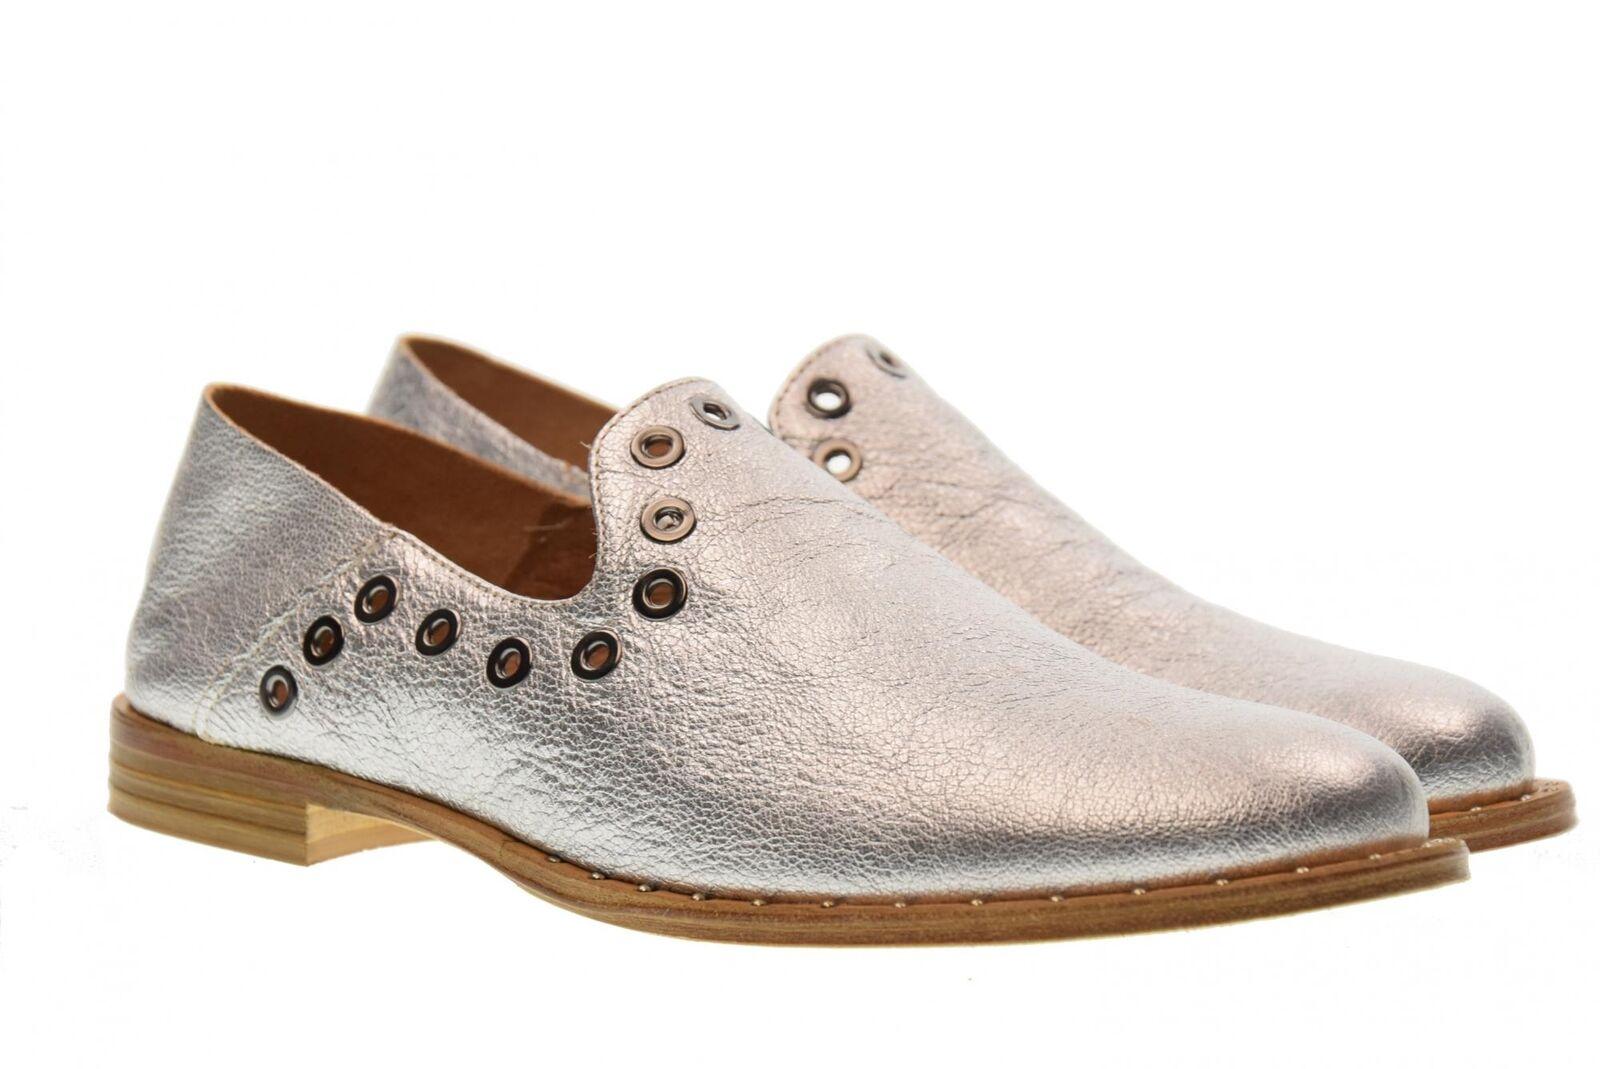 Erman's zapatos mocasín mocasín mocasín ST01 plata P18s  ventas en linea